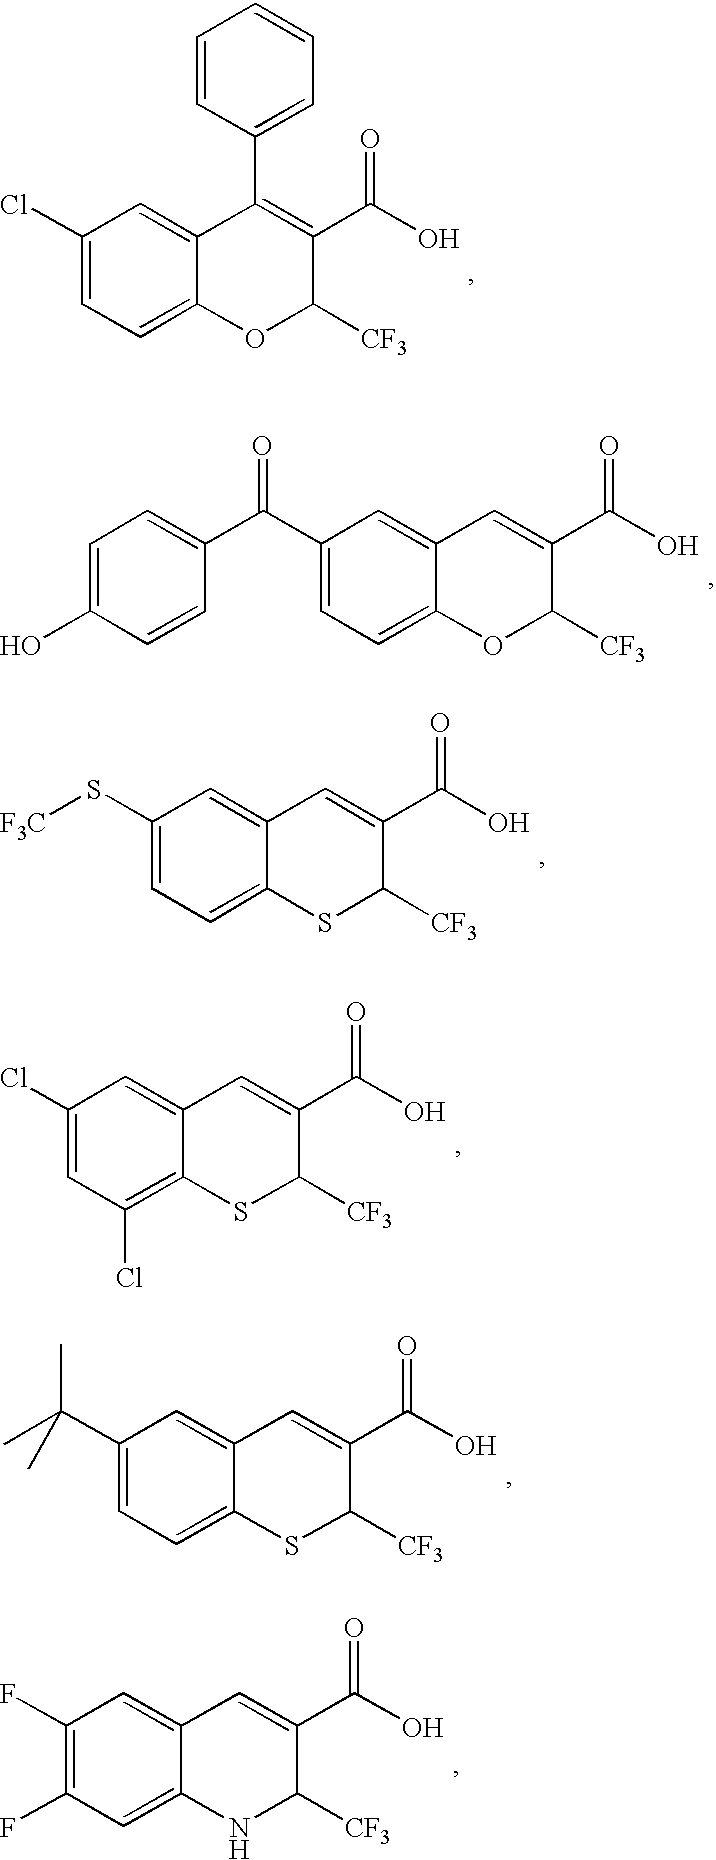 Figure US20030211163A1-20031113-C00038